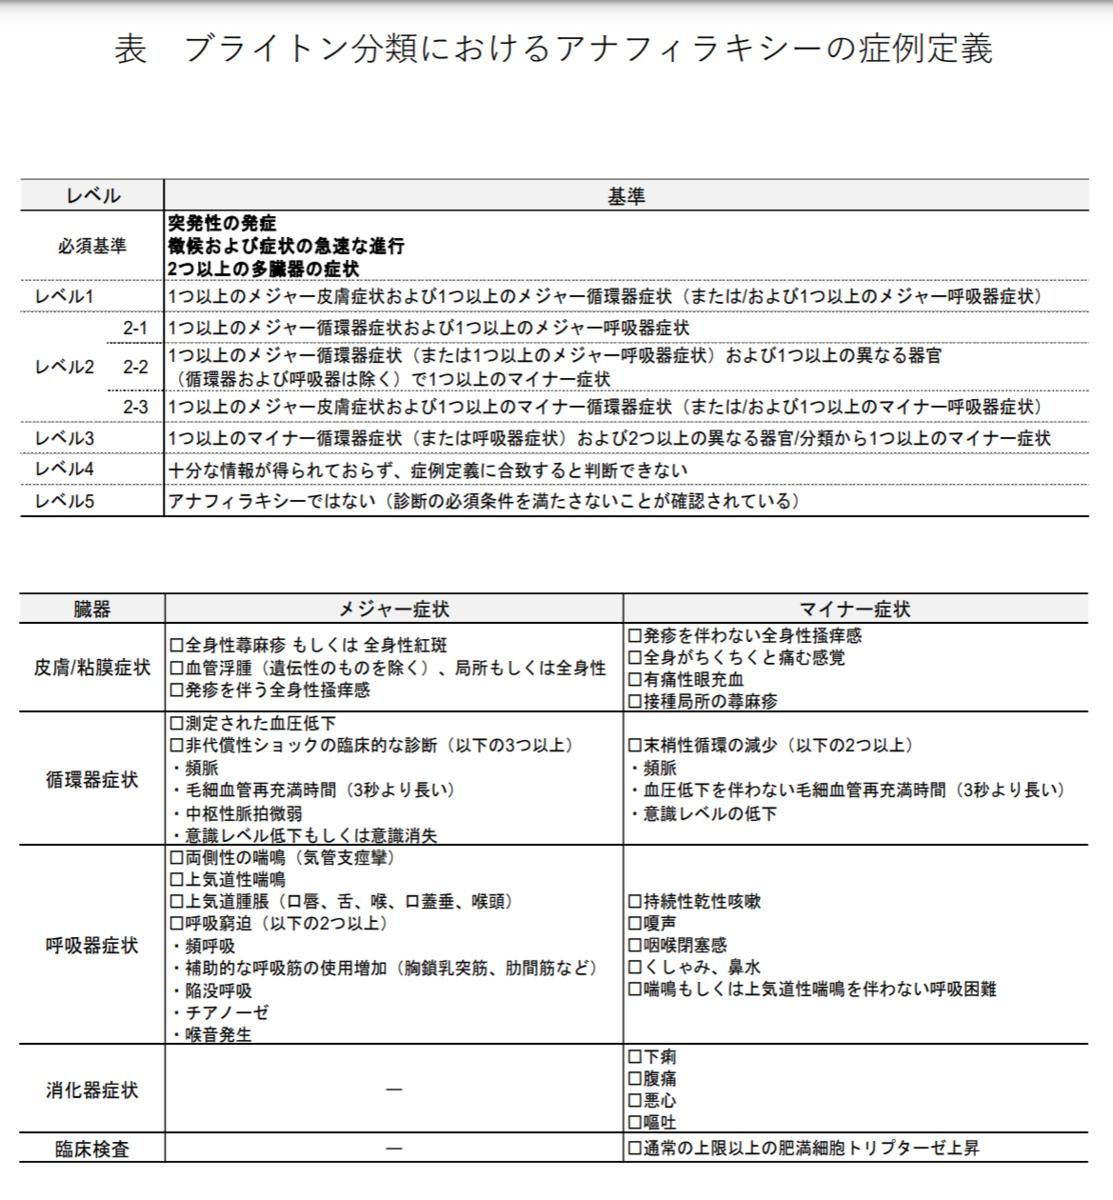 f:id:hiro_chinn:20210408141752p:plain